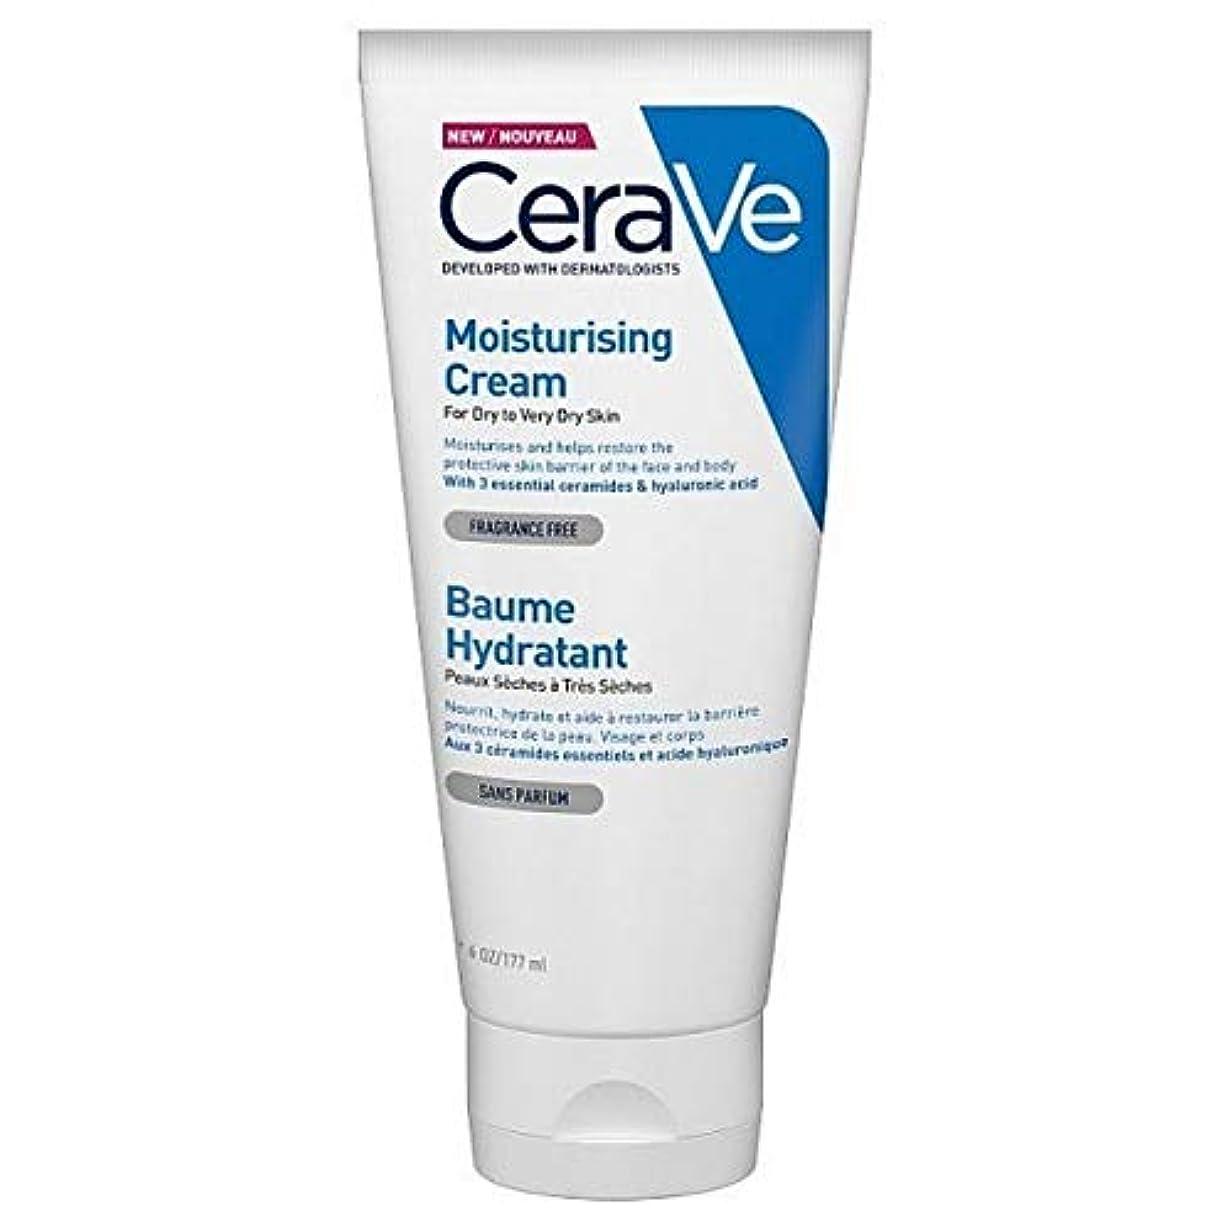 規範開拓者日帰り旅行に[CeraVe] Cerave保湿クリームチューブ177ミリリットル - CeraVe Moisturising Cream Tube 177ml [並行輸入品]